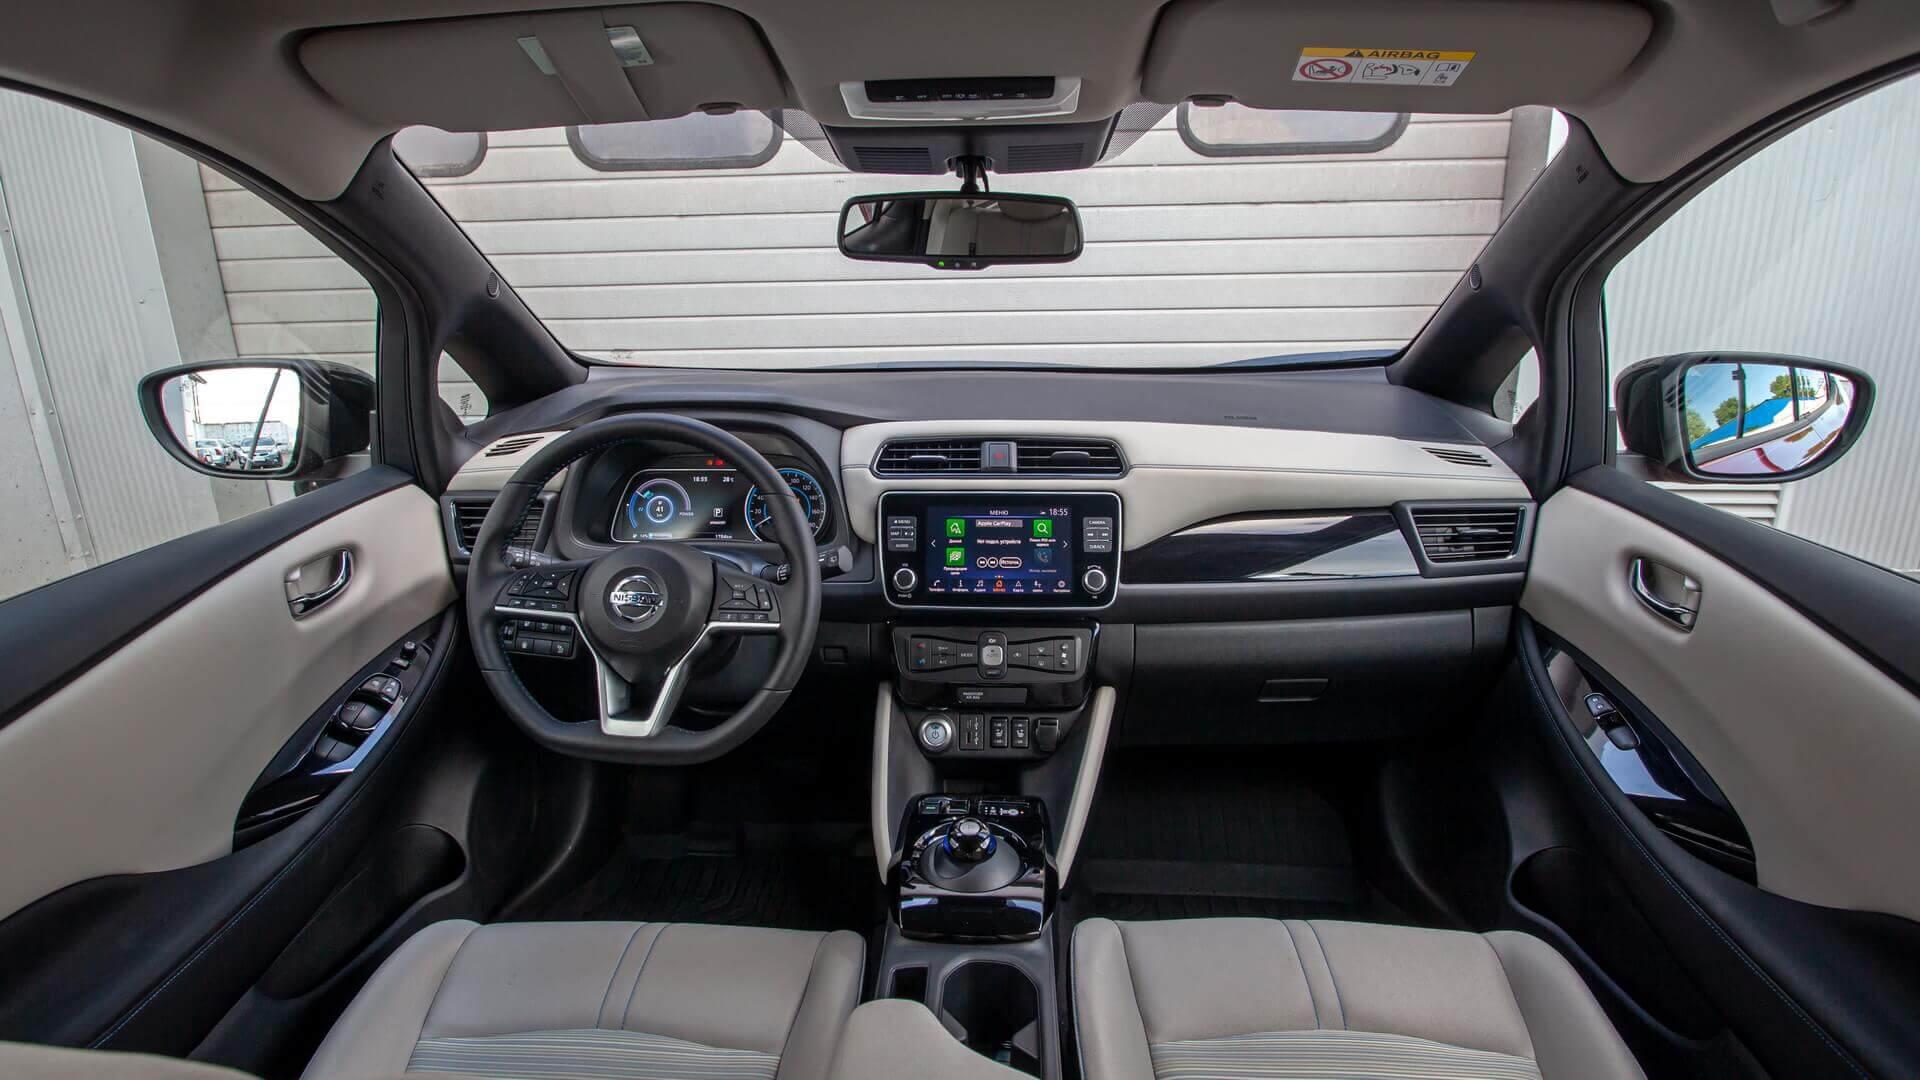 Интерьер официально продаваемого в Украине Nissan LEAF